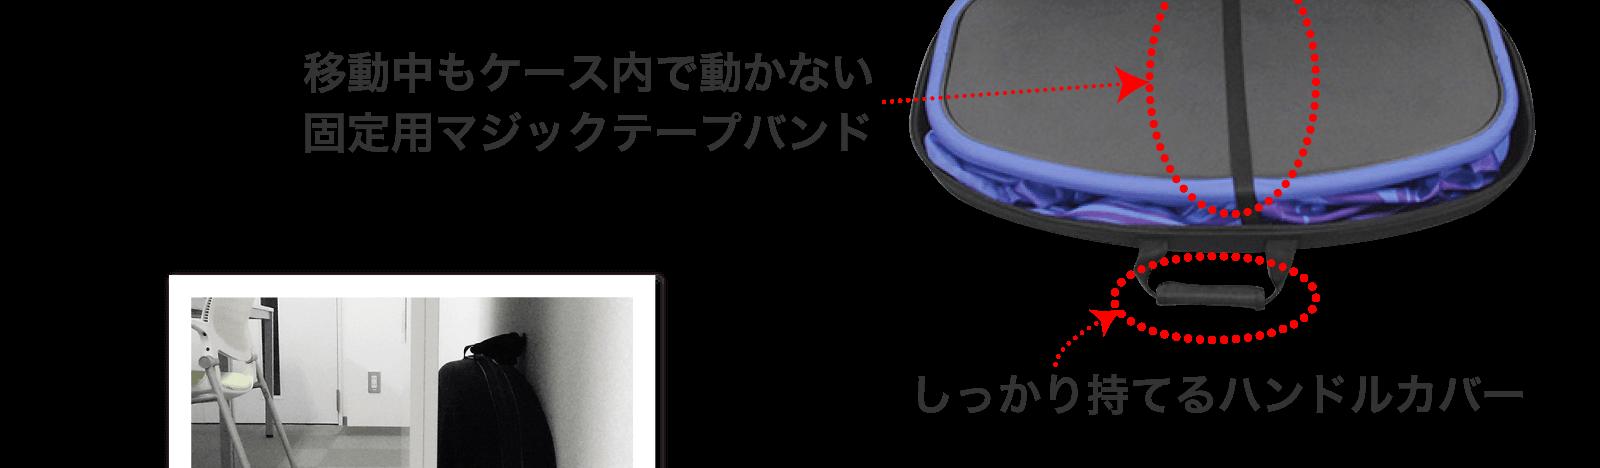 移動中もケース内で動かない固定用マジックテープバンド・しっかり持てるハンドルカバー